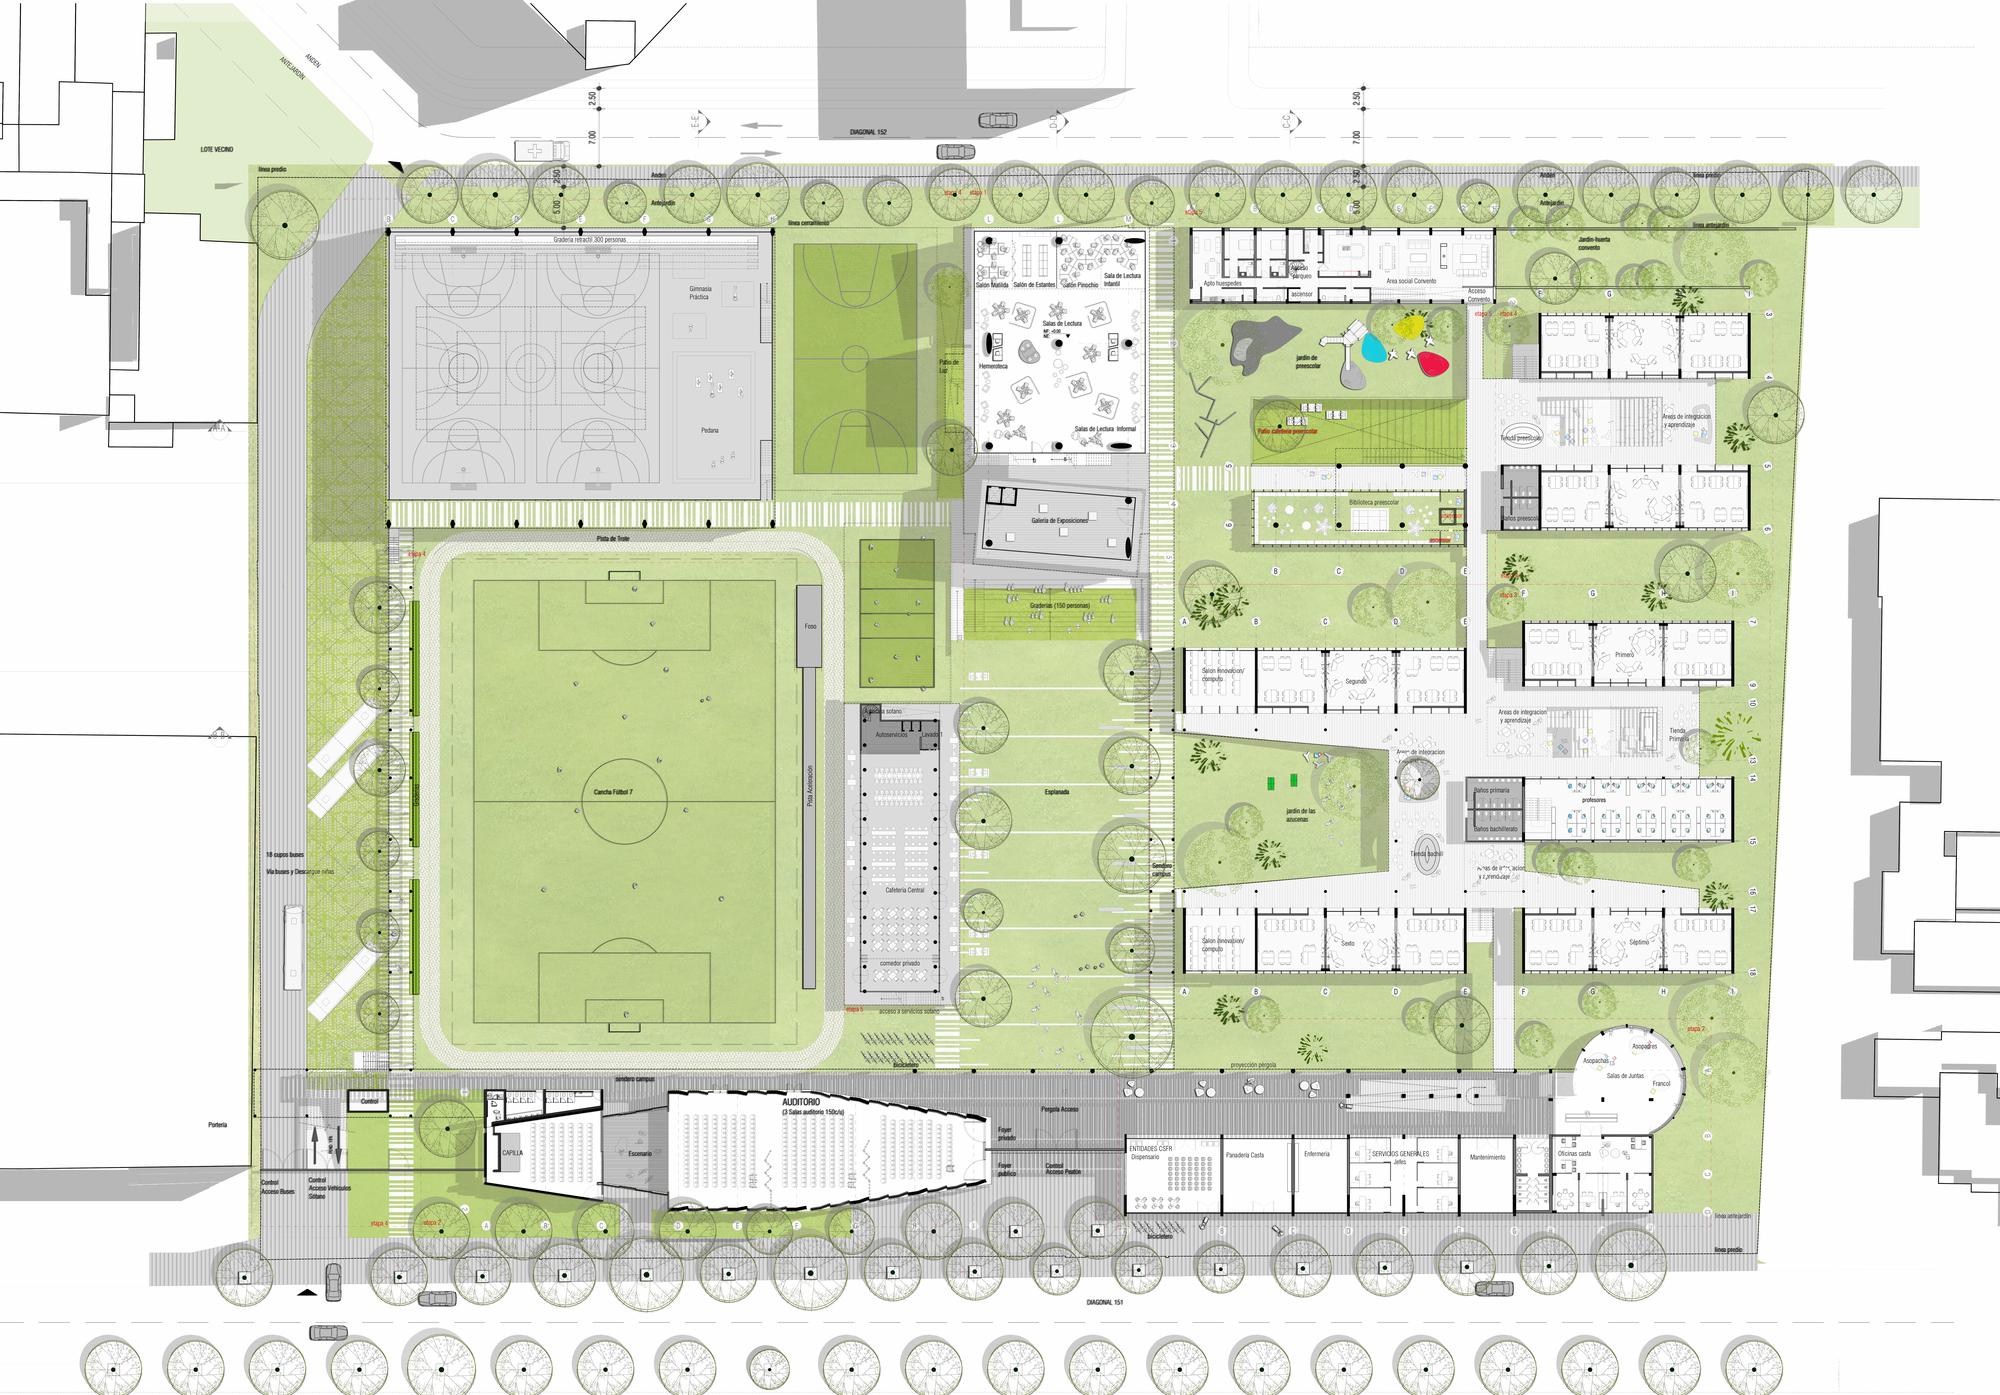 Galer a de arquitectura en estudio nieto arquitectos for Plantas de colegios arquitectura